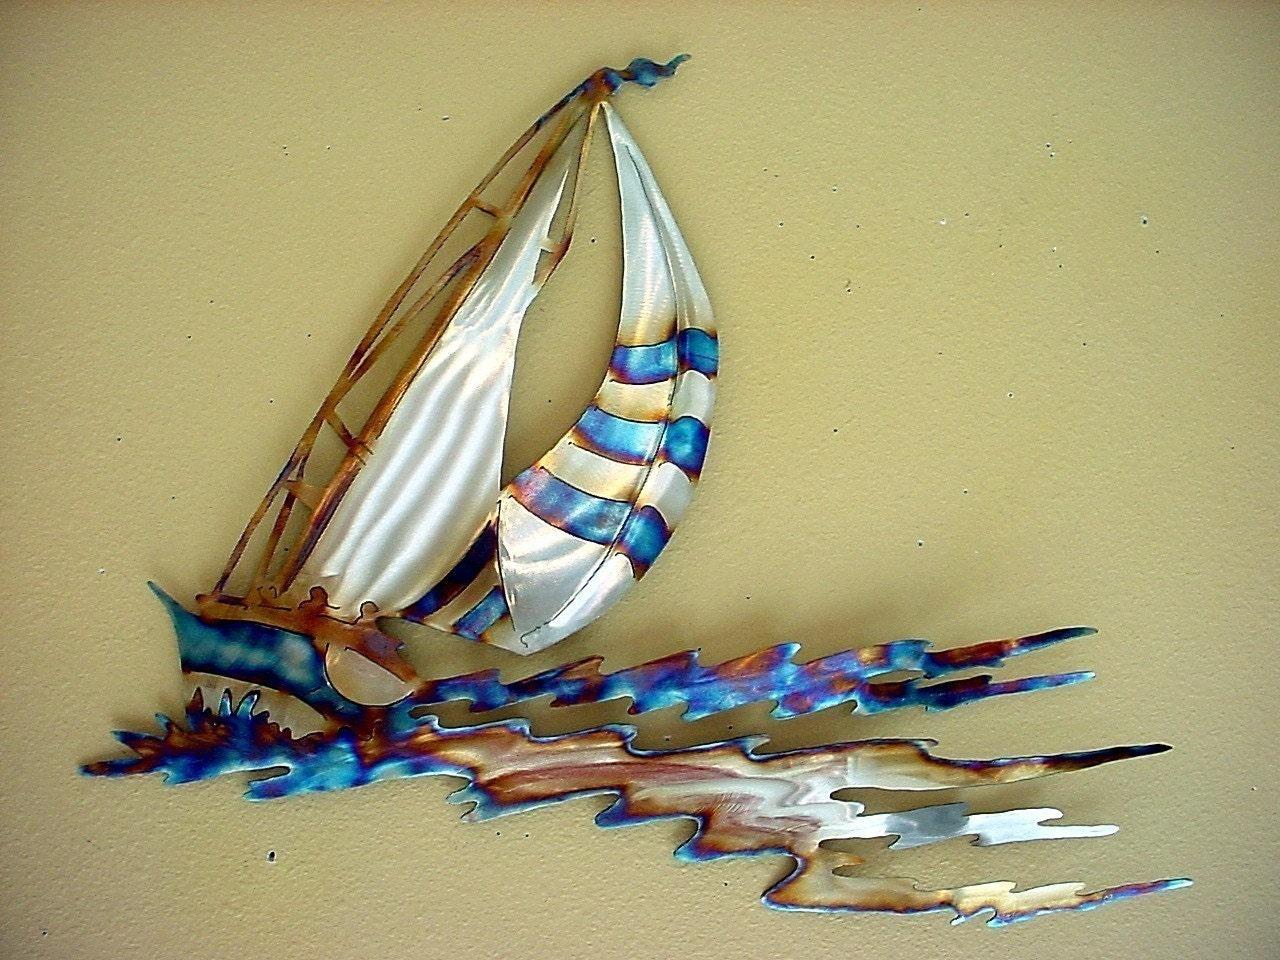 Metal Wall Decor Sailboats : Sailboat racing sailor sailing stainless steel metal wall art